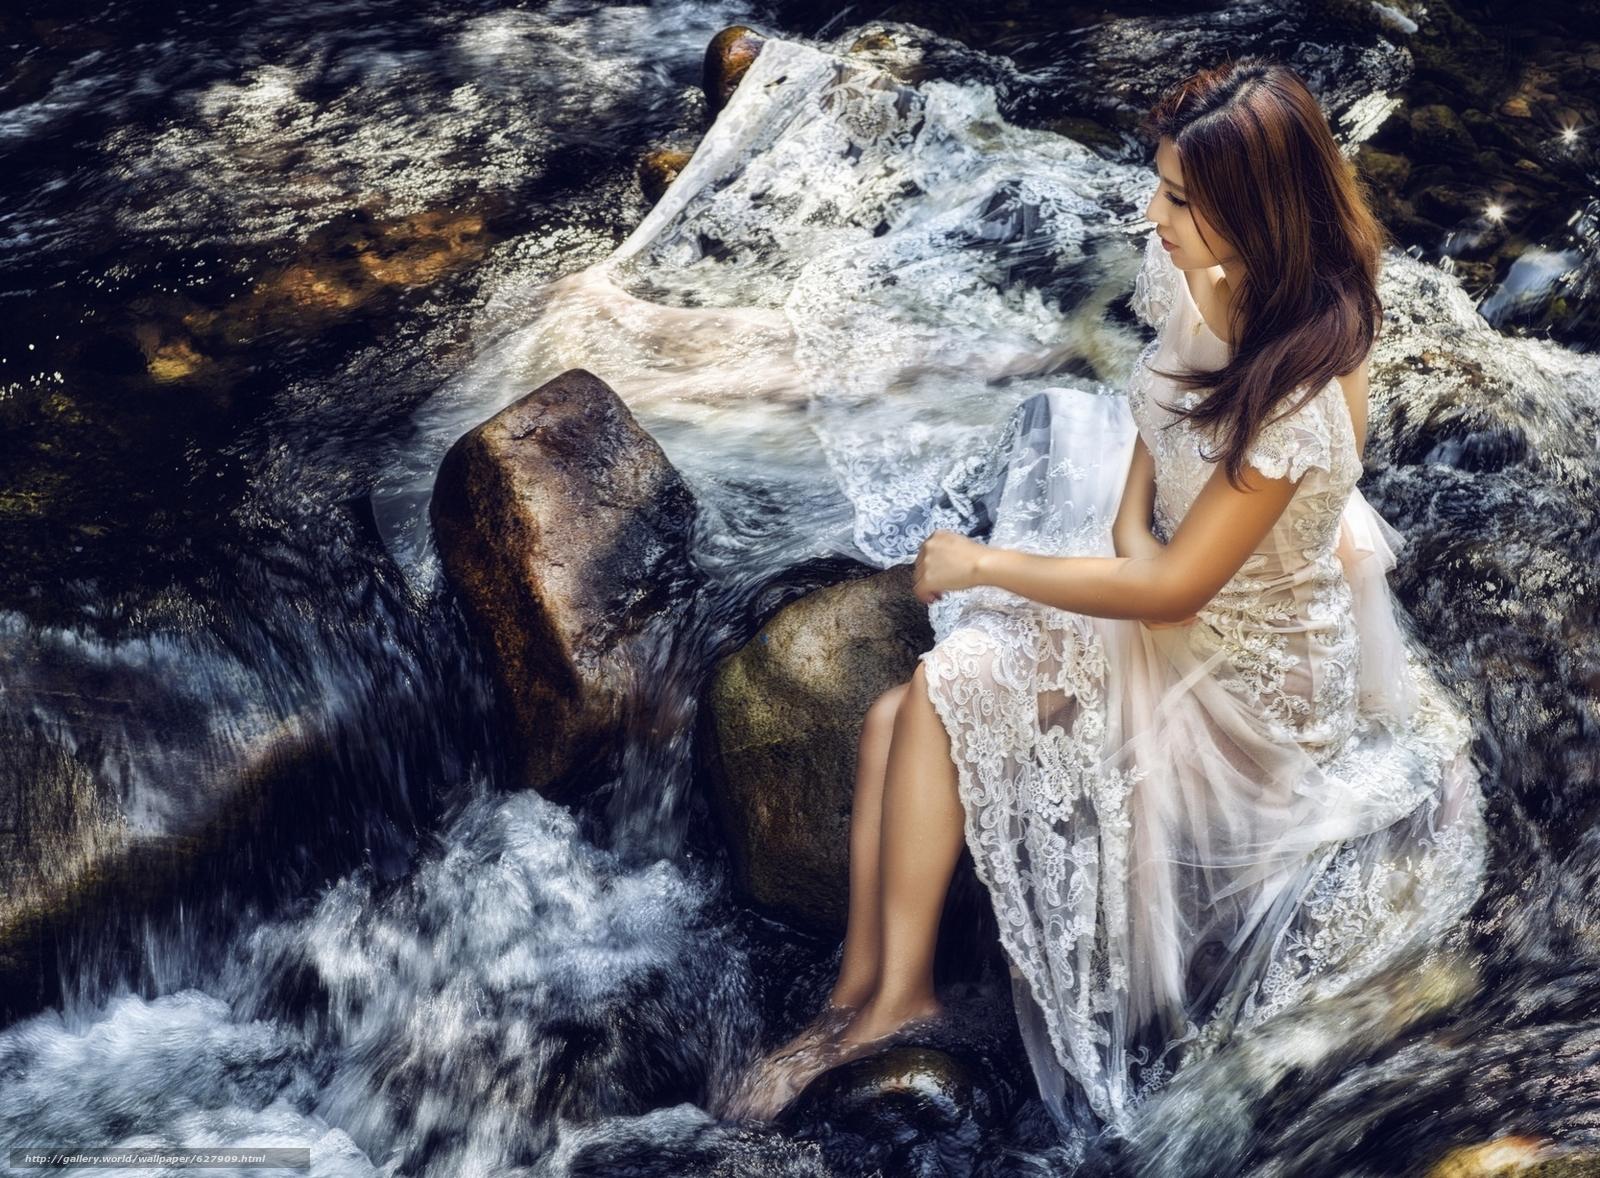 азиатка, невеста, платье, настроение, река, камни